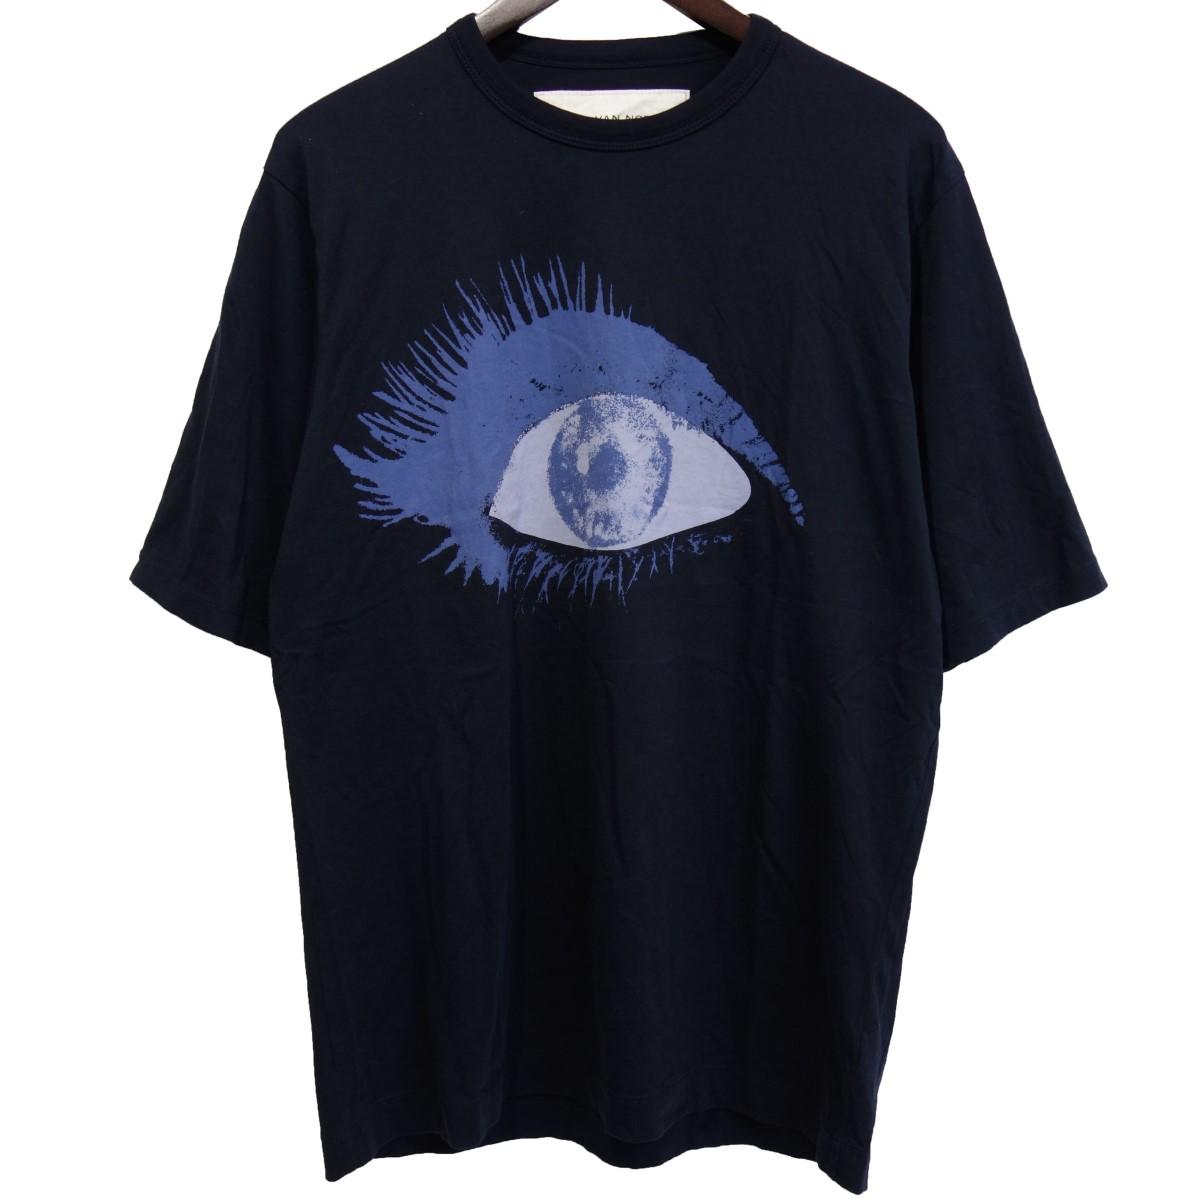 【中古】DRIES VAN NOTEN×Verner Panton 19SS プリントTシャツ ネイビー サイズ:S 【010420】(ドリスヴァンノッテン ヴェルナーパントン)